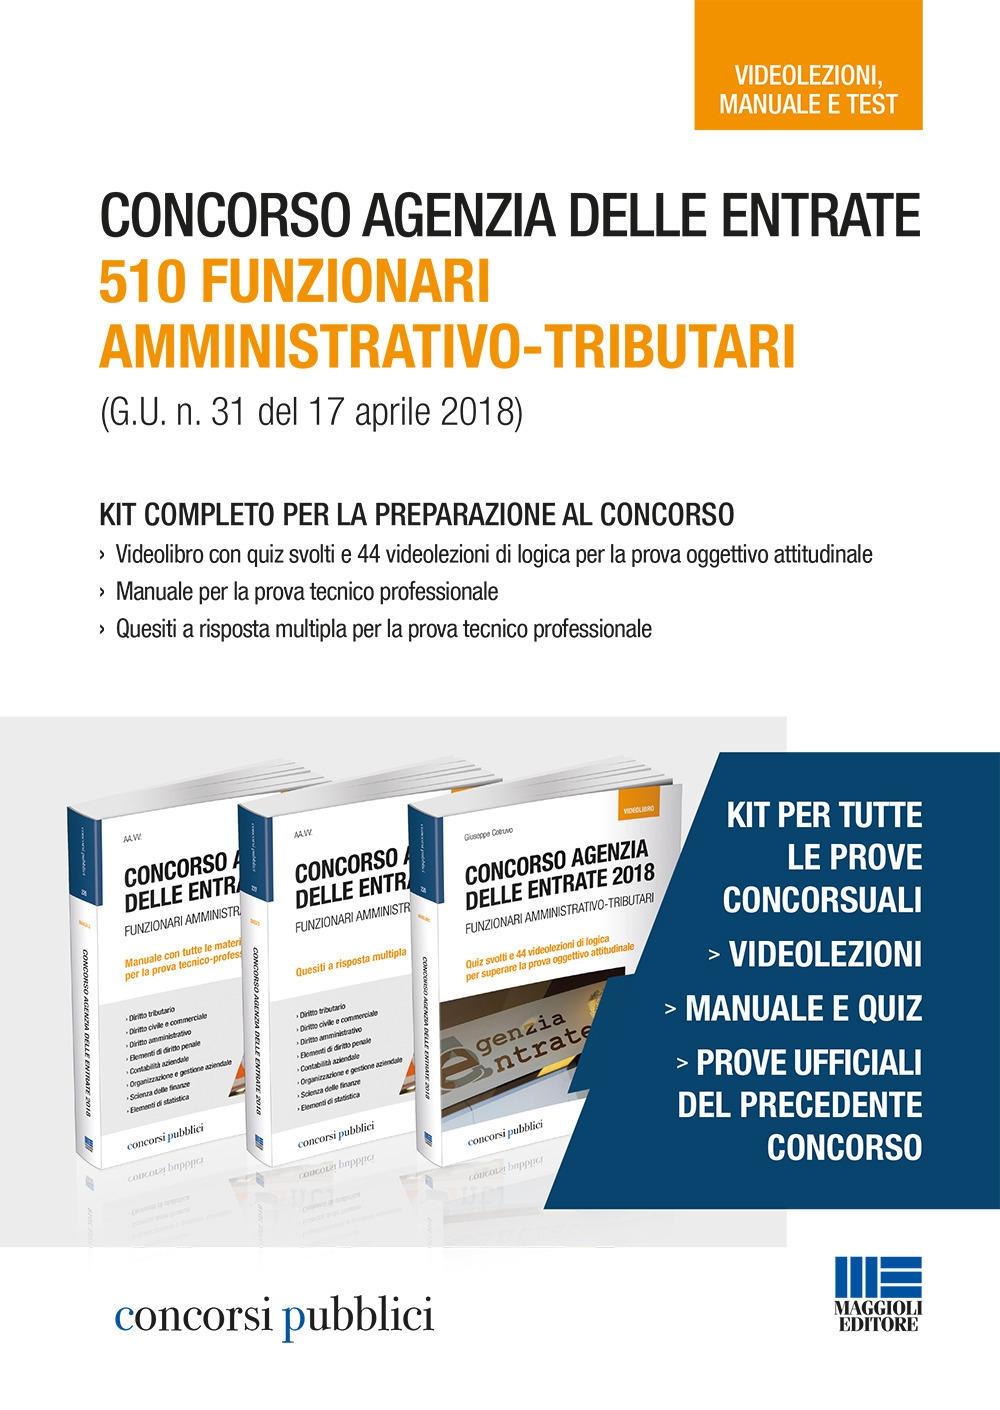 Concorso Agenzia delle Entrate. 510 funzionari amministrativo-tributari (G.U. n. 31 del 17 aprile 2018). Kit completo per la preparazione al concorso